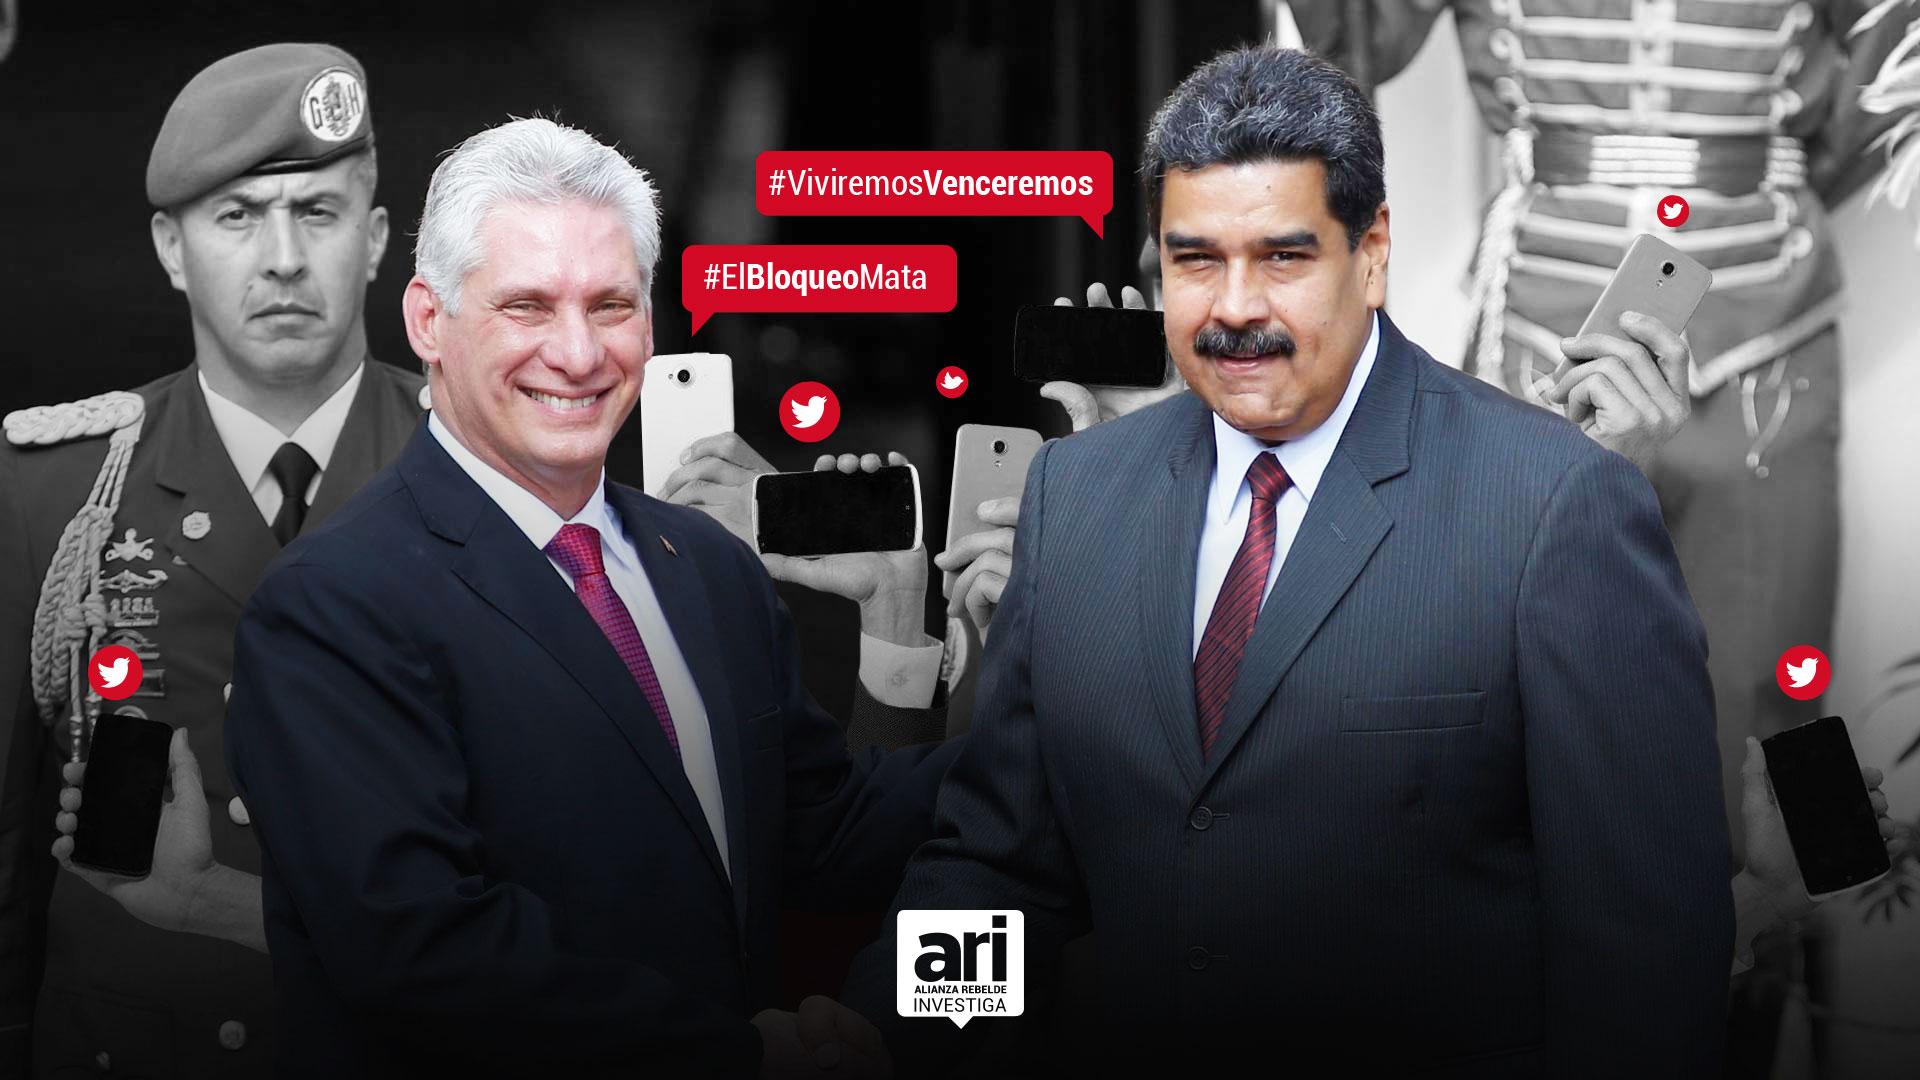 La tropa digital de Maduro tiene acento cubano